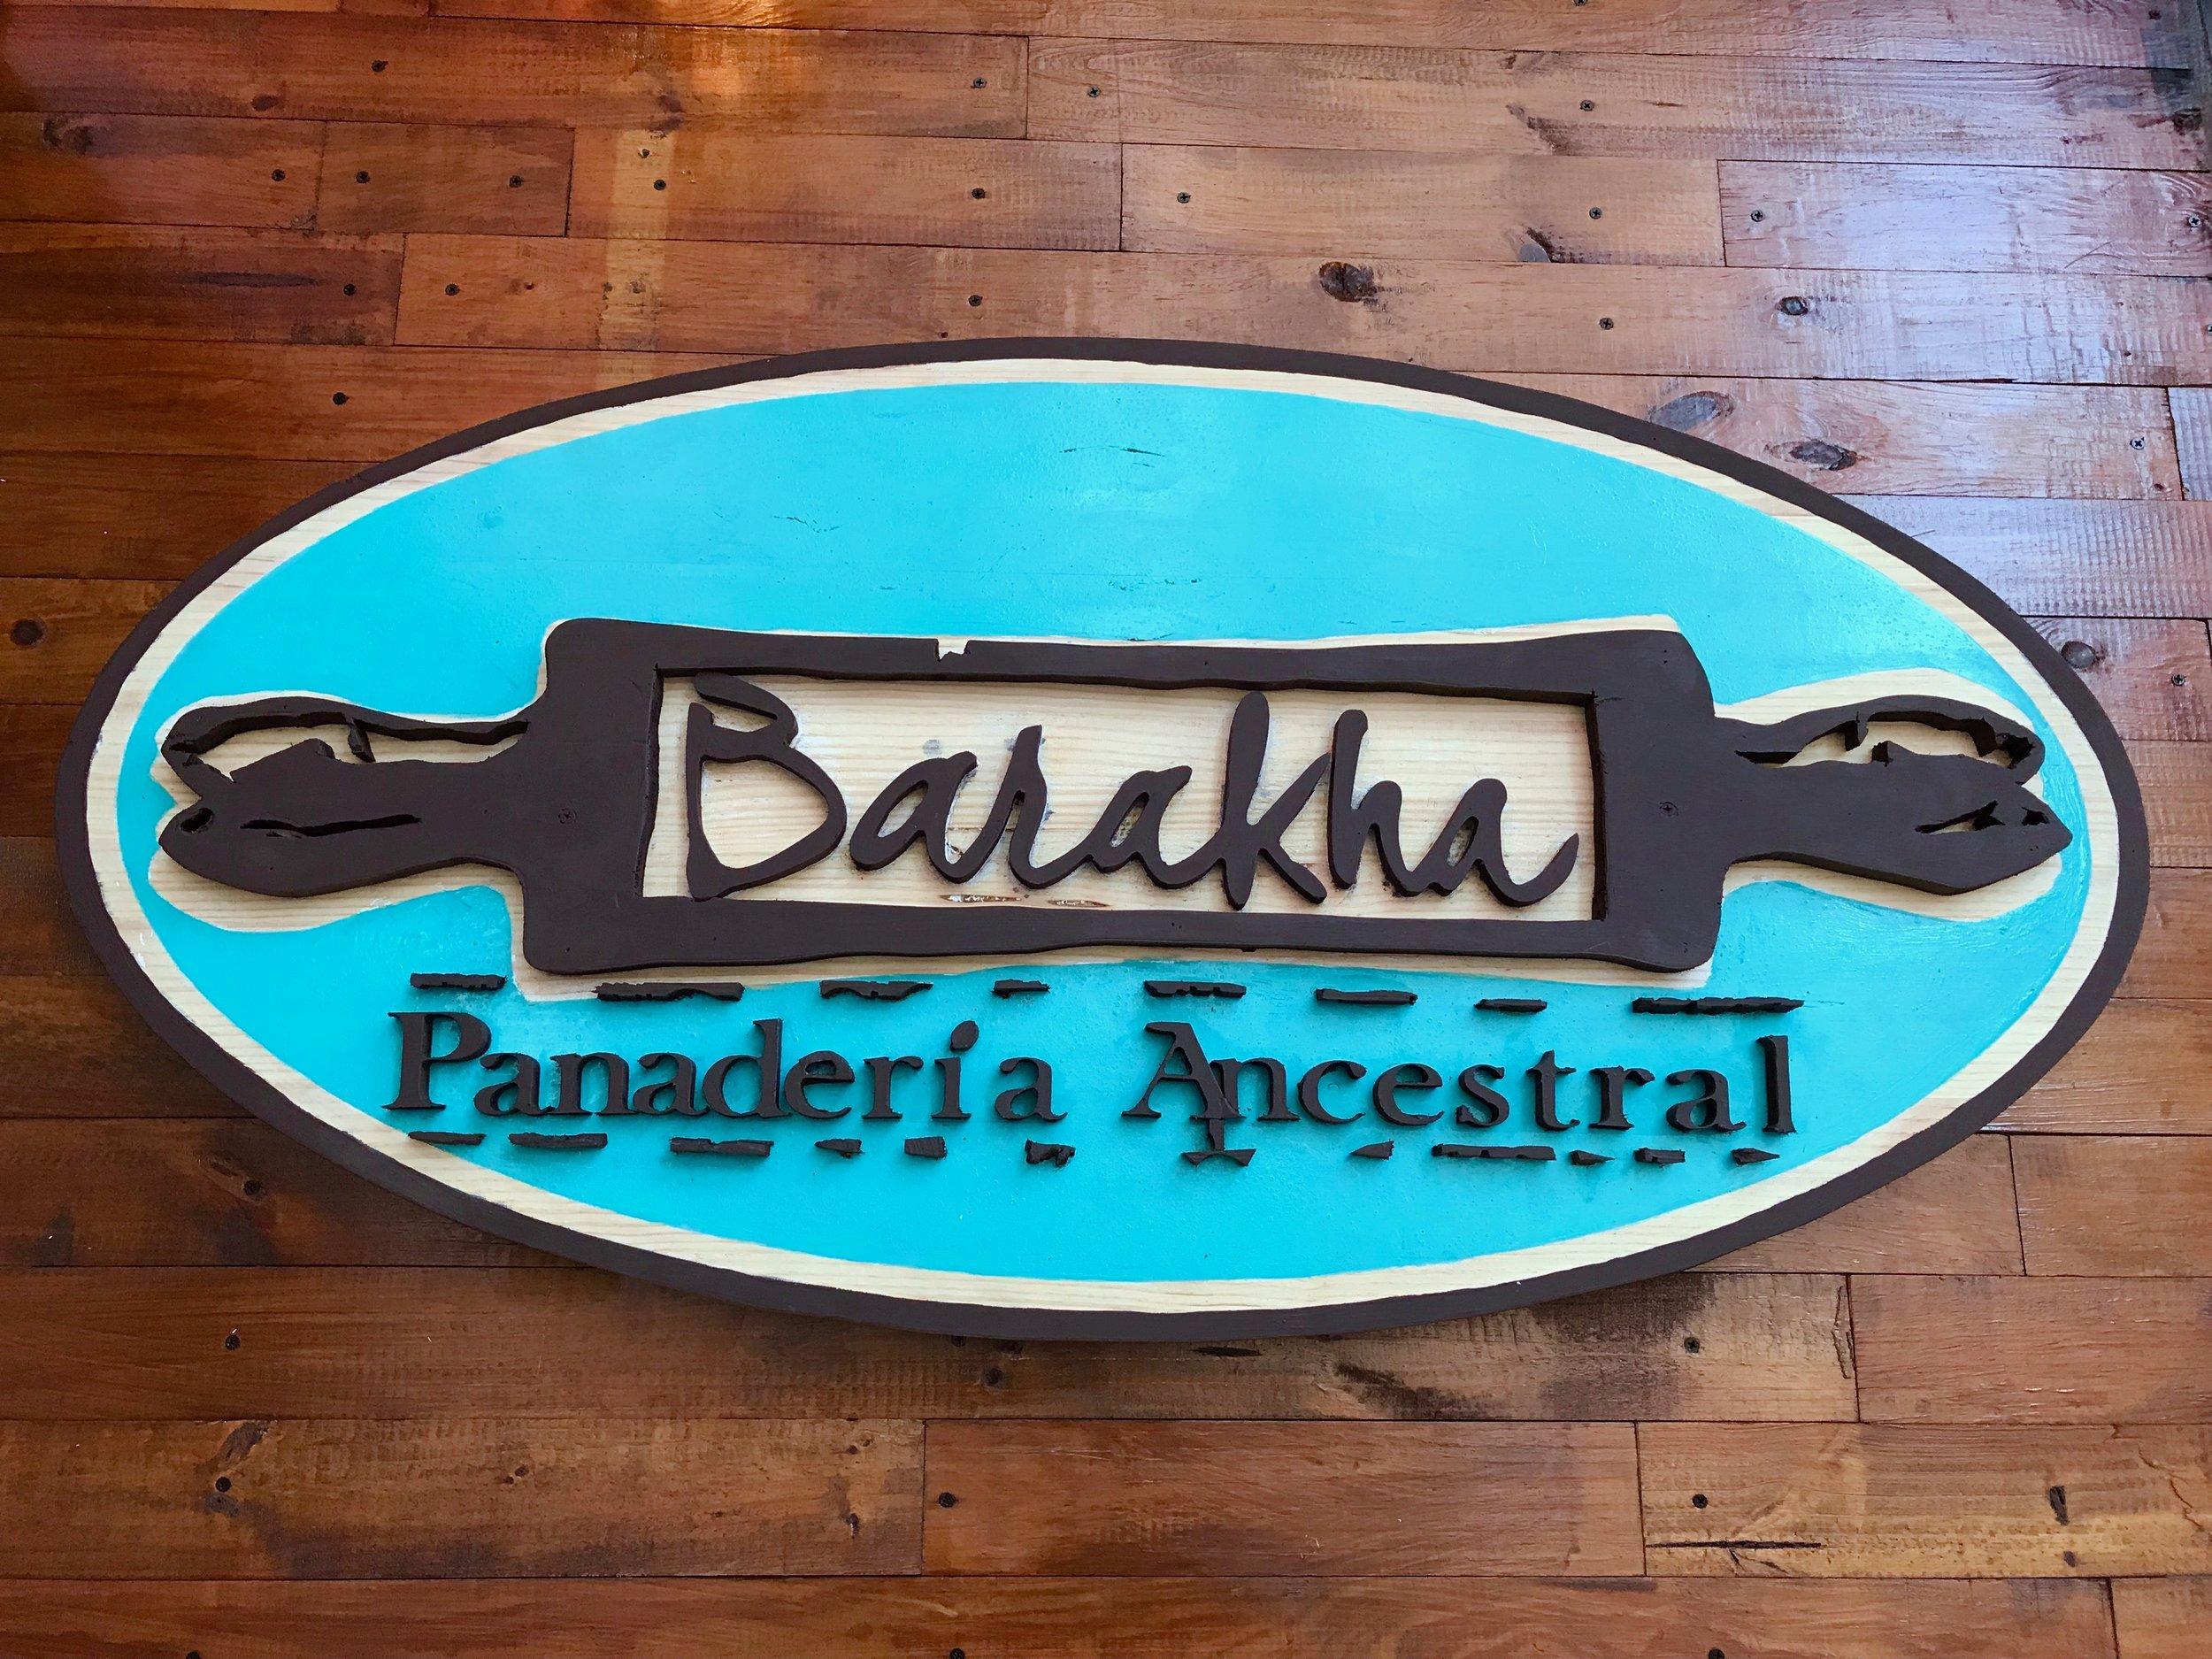 Barakha Panadería Ancestral  (Santa Teresita)  Barakha es una deliciosa panadería que trabaja con productos locales de alta calidad y hornea los panes más deliciosos de la ciudad.  Cra 1 Oeste #1-109 2º piso Super A  tel. 892 0135